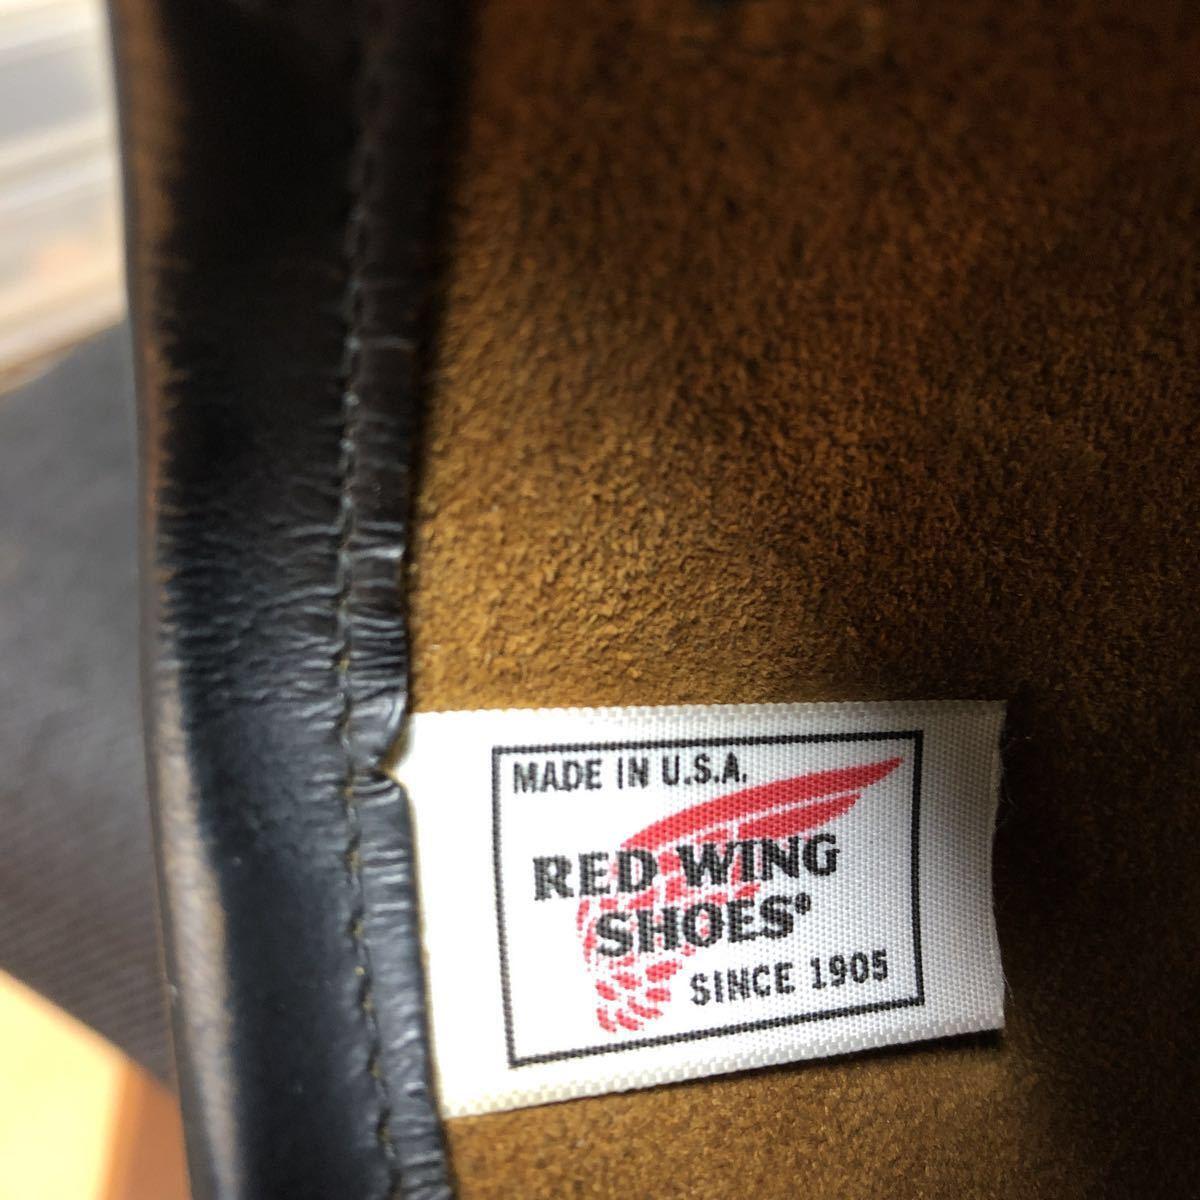 RED WING(レッドウィング) 9268 Engineer Boots(エンジニアブーツ スチールあり) ブラック・クロンダイク 茶芯_画像9